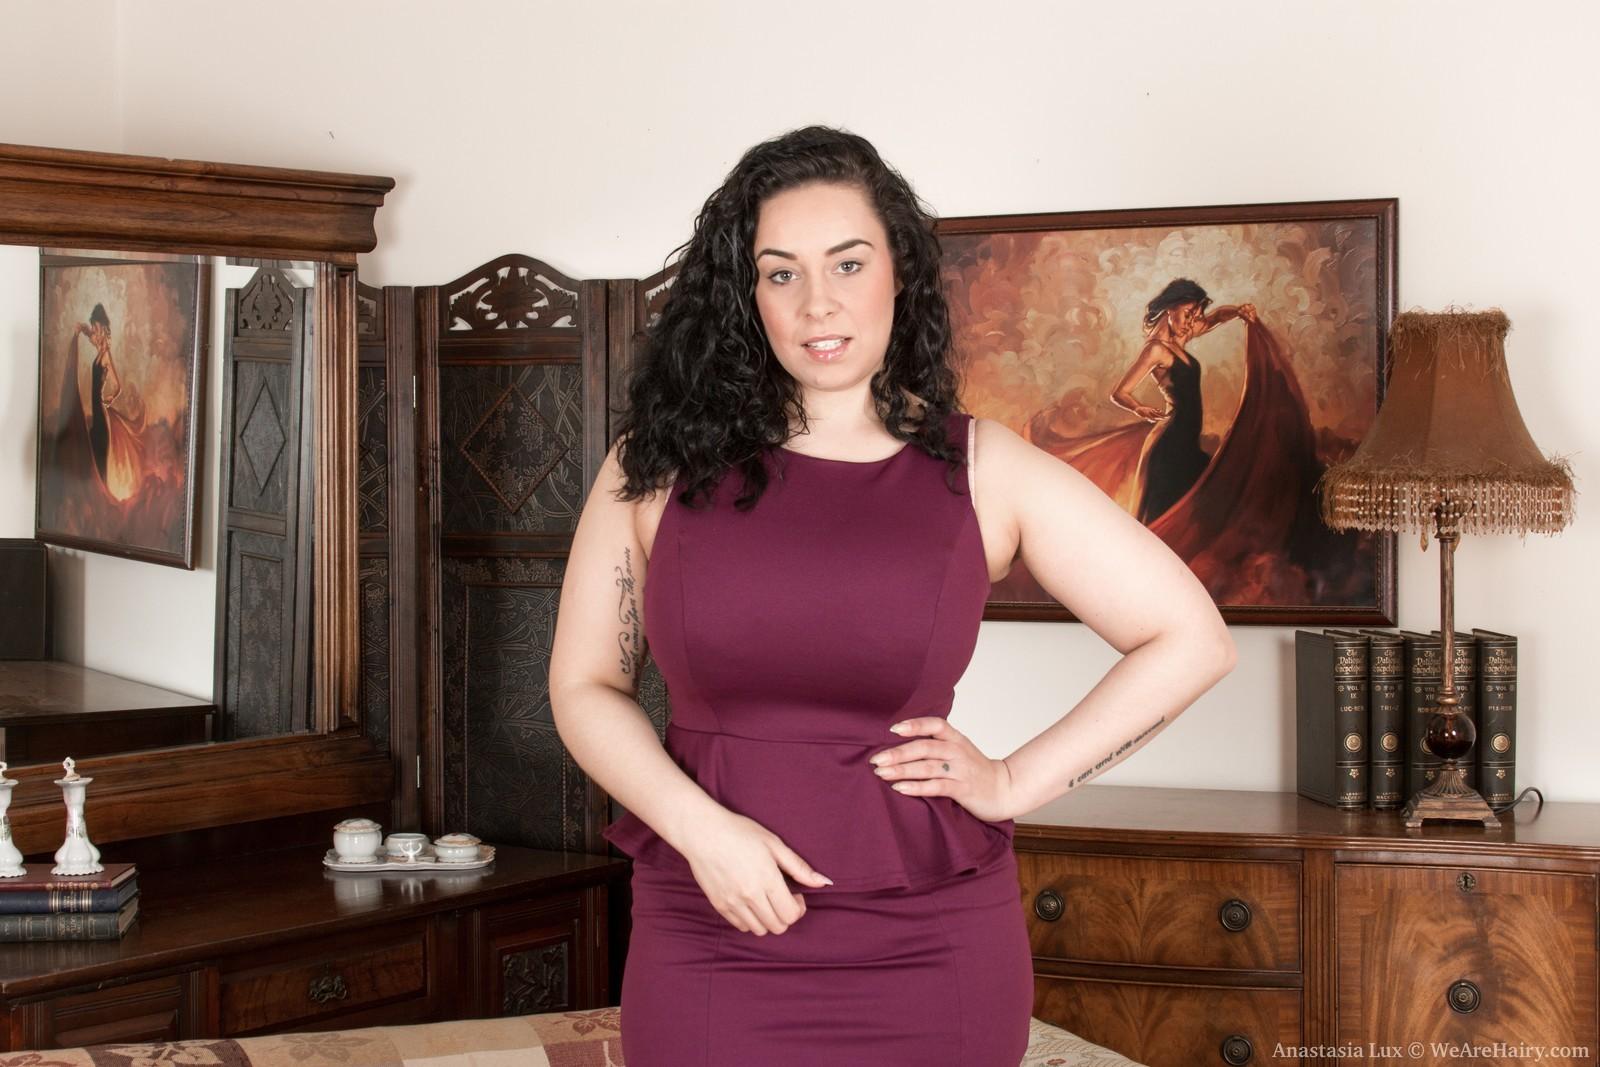 Anastasia Lux Strip the busty anastasia lux strips nakedher sofa - pichunter